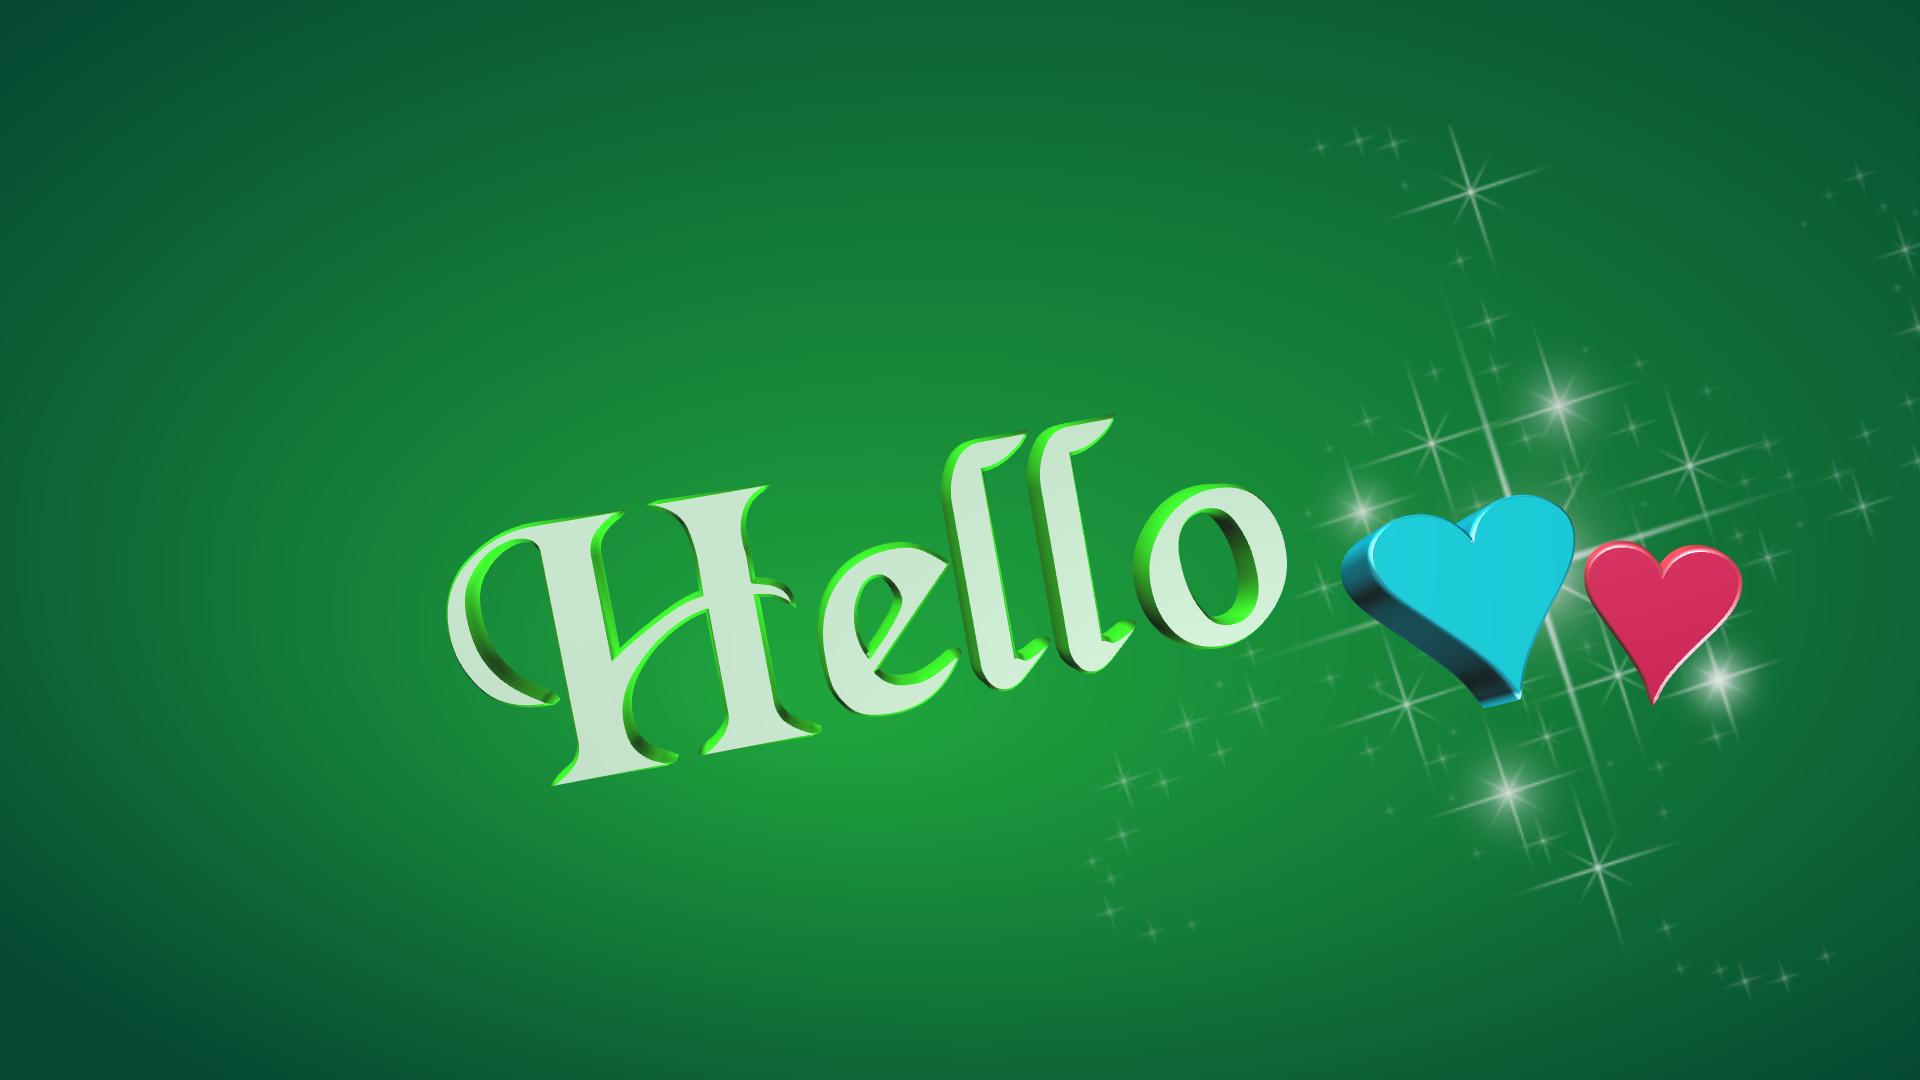 ハロー hallo 挨拶